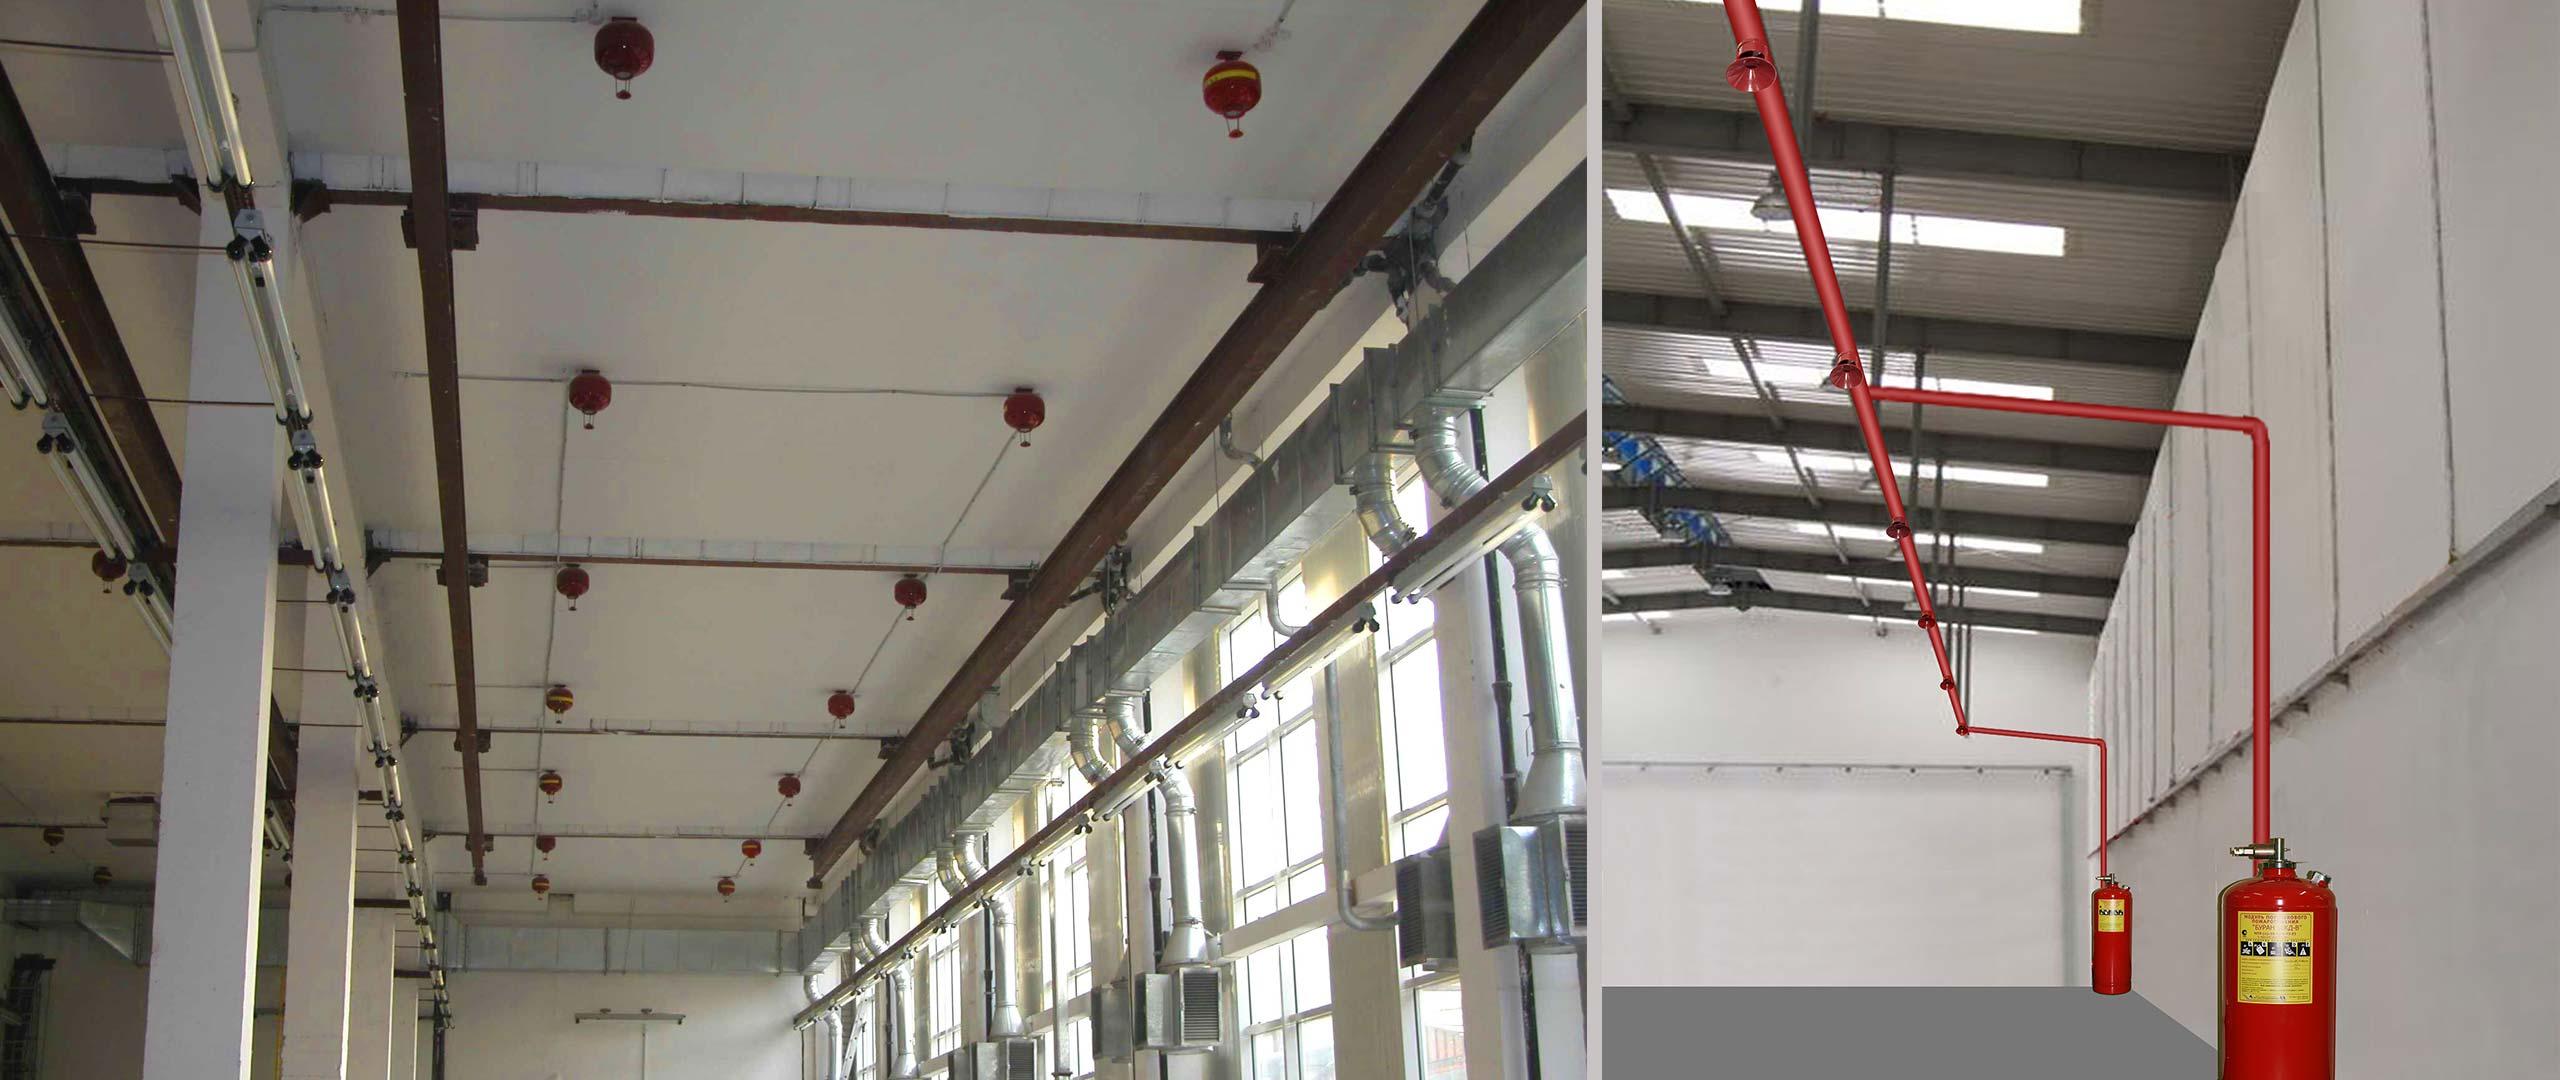 На сложных объектах можно использовать системы смешенного типа. В этом случае отдельные помещения здания могут оснащаться установками газового. пенного, порошкового или водяного тушения.